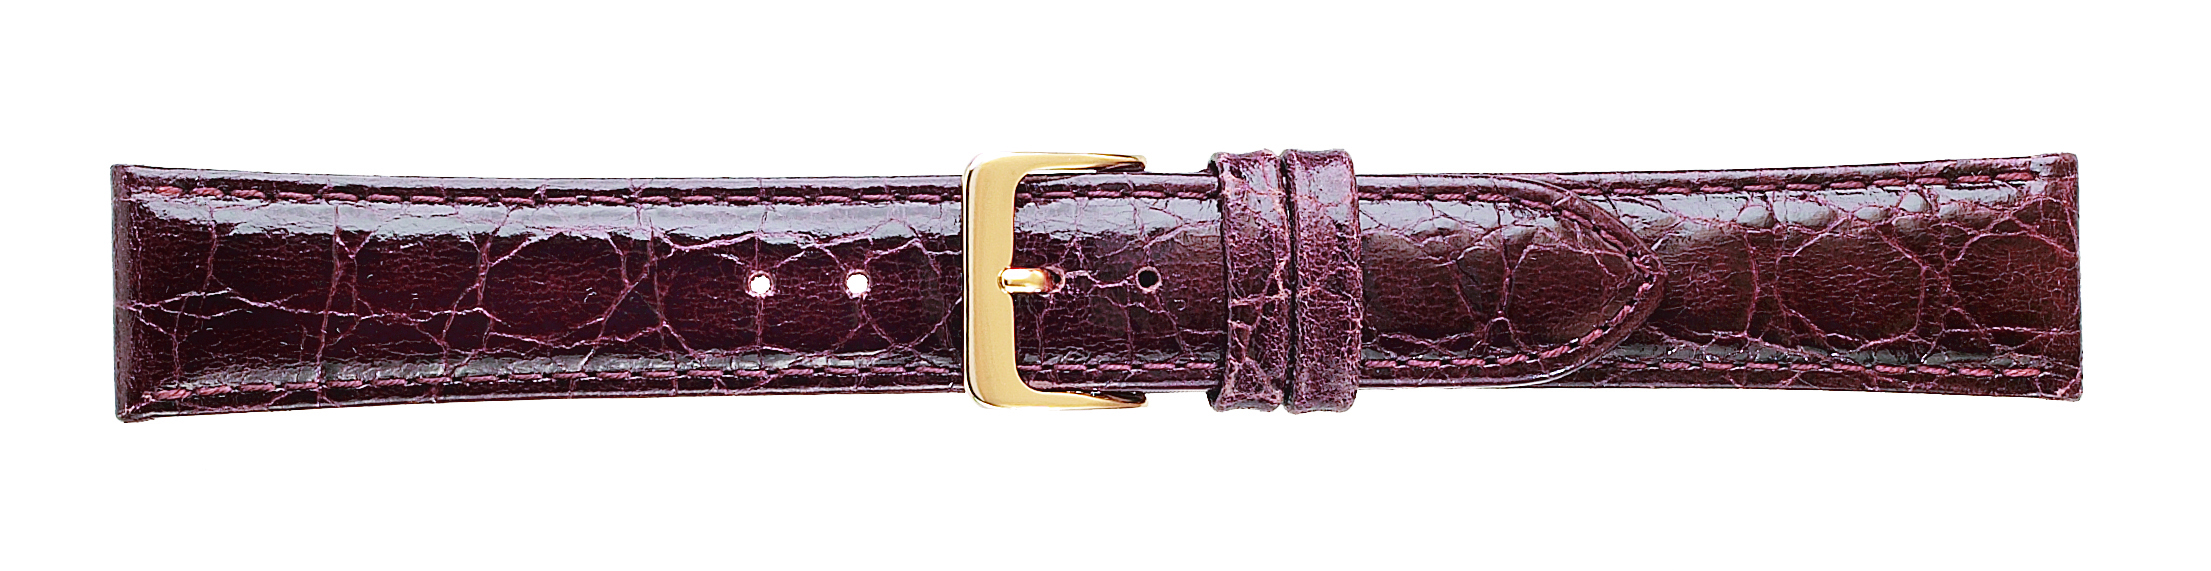 14 MM Croco Grain Brown Leather Strap -0